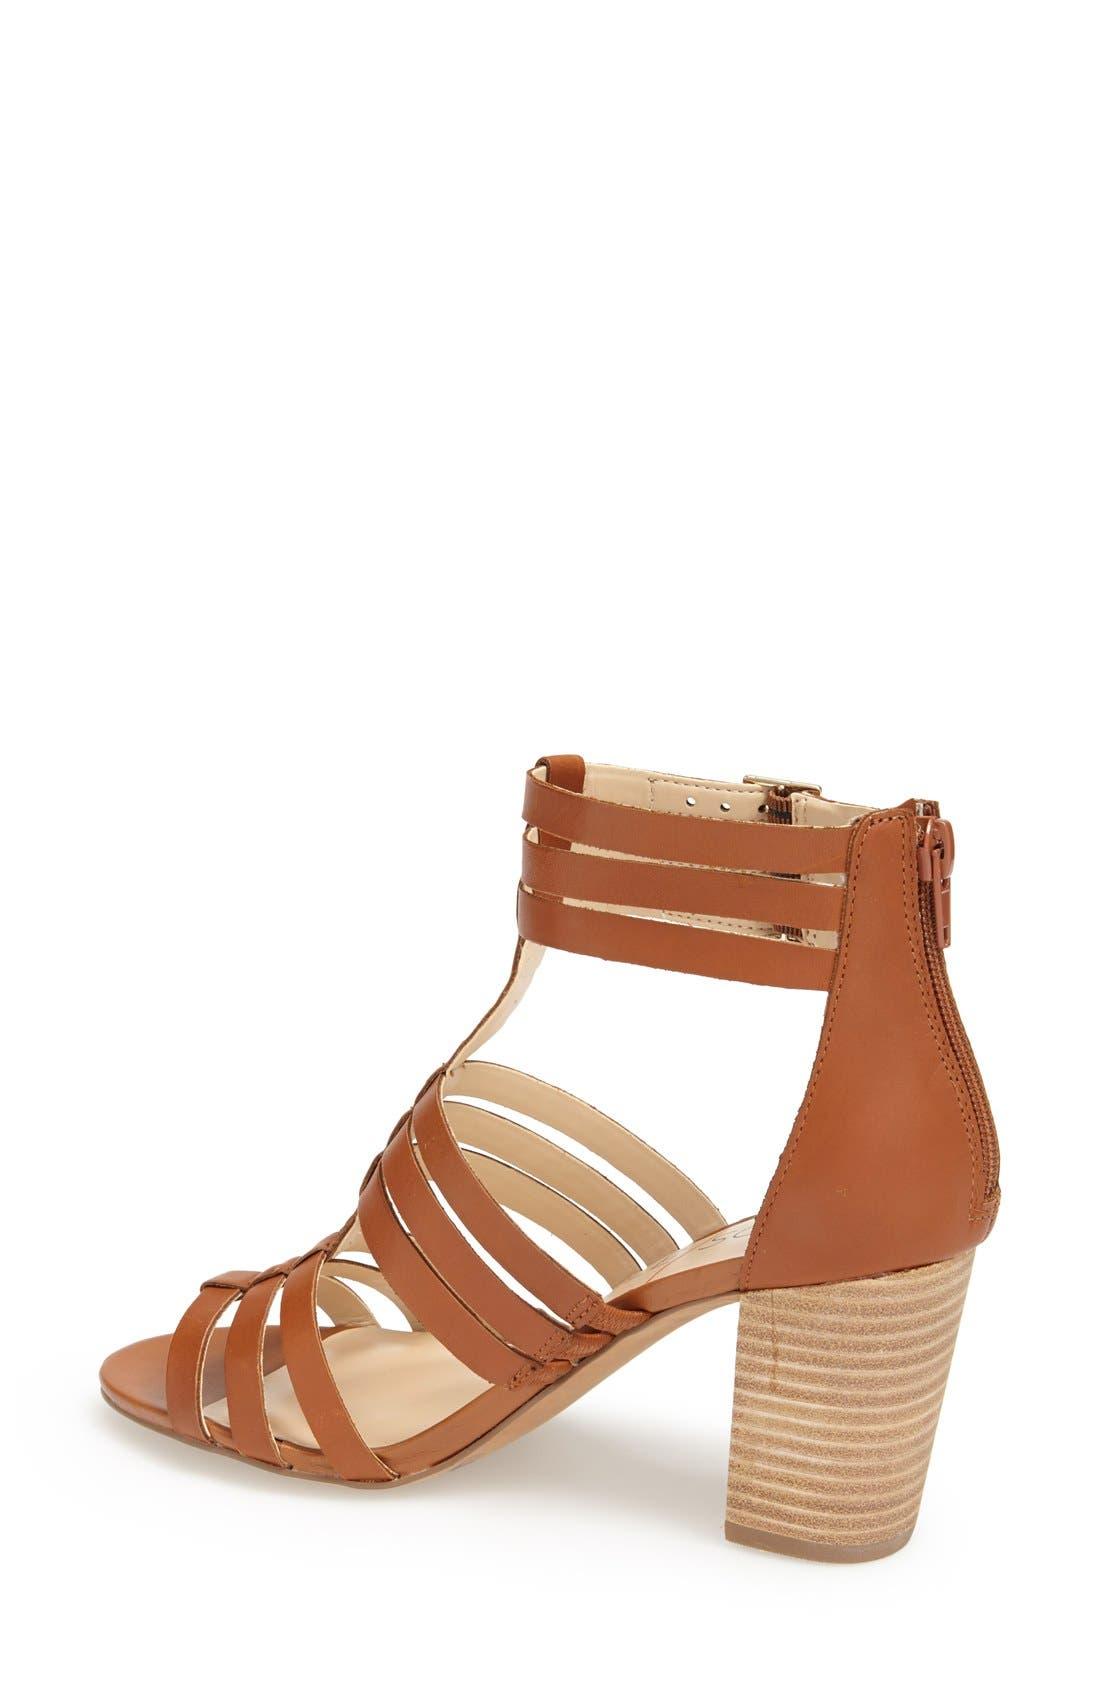 Alternate Image 2  - Sole Society 'Elise' Gladiator Sandal (Women)